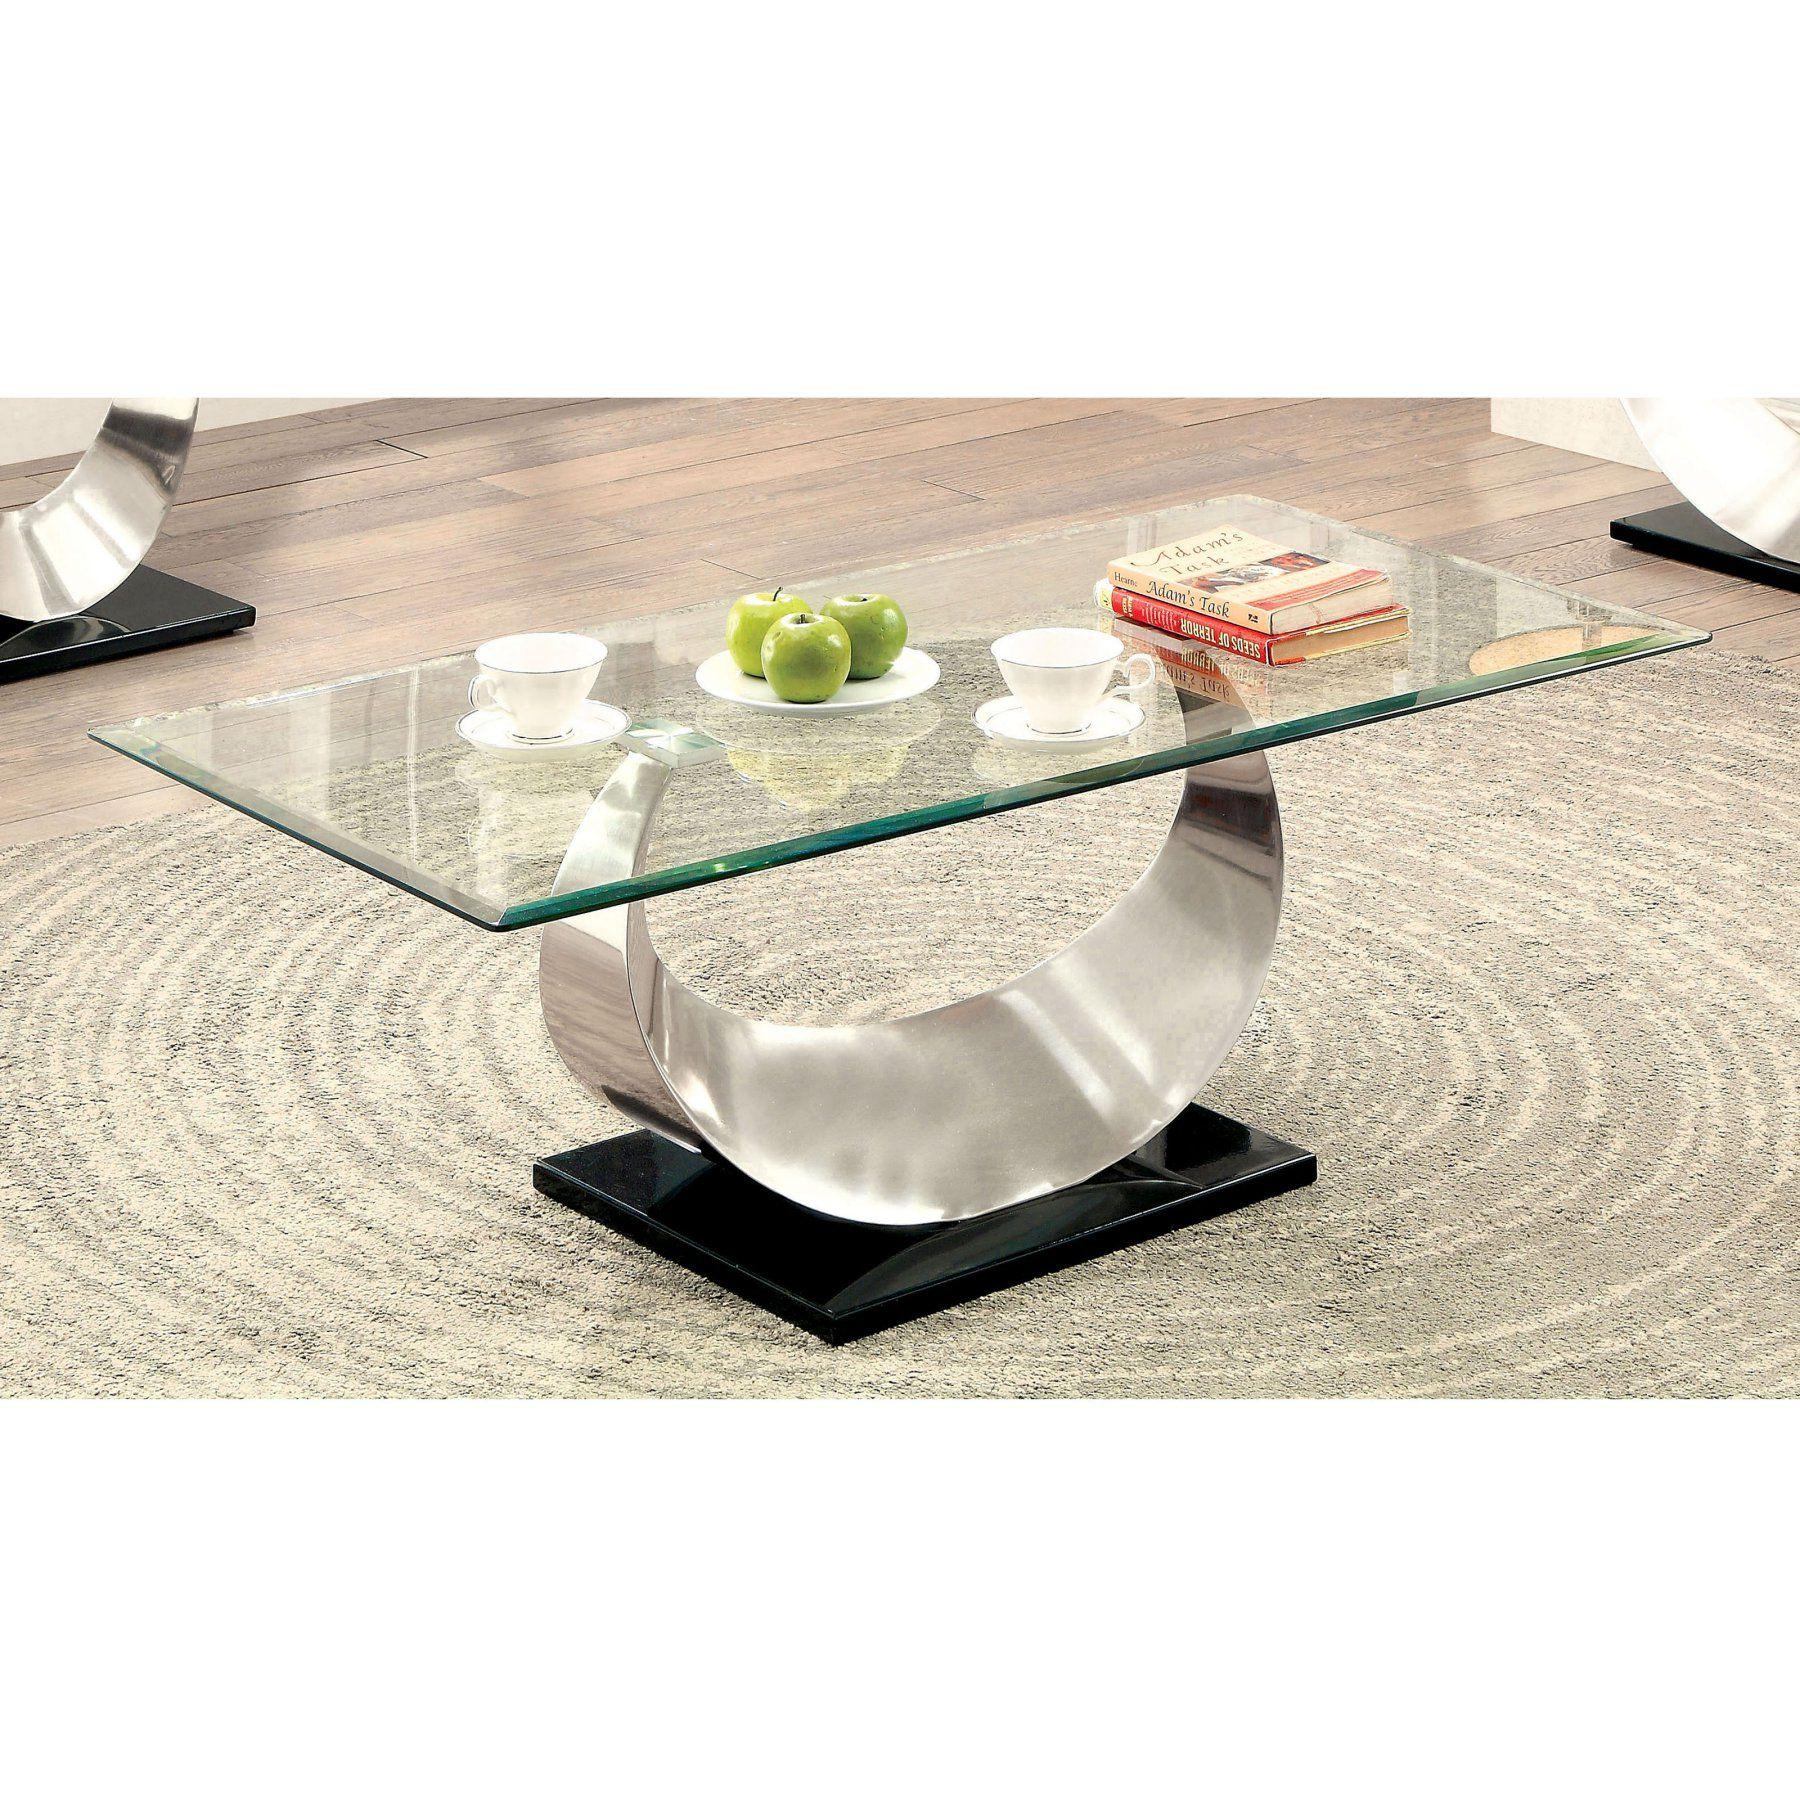 Furniture Of America Meryl U Shaped Base Coffee Table Coffee Table Contemporary Coffee Table Furniture Of America [ 1800 x 1800 Pixel ]